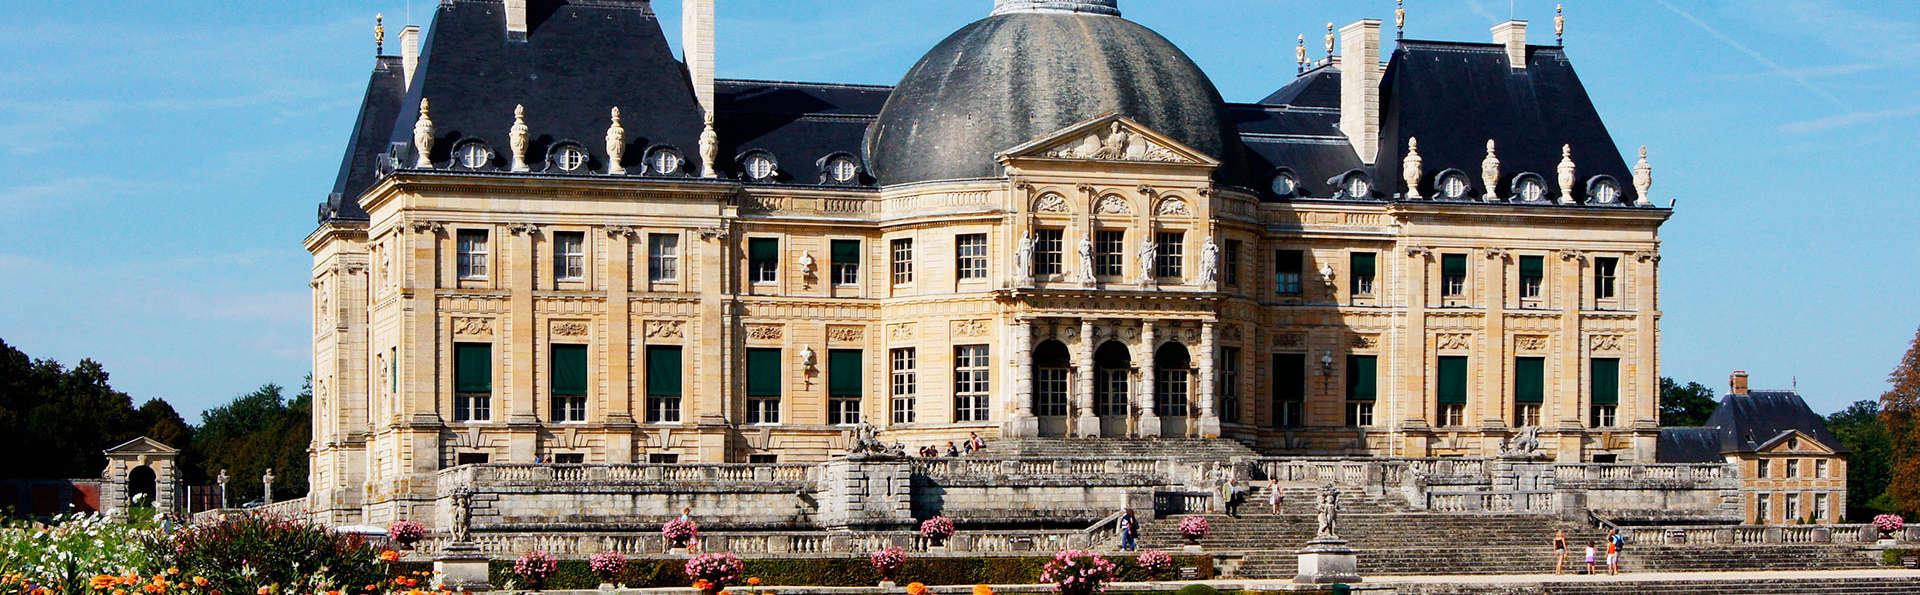 Week-end découverte du château de Vaux-le-Vicomte